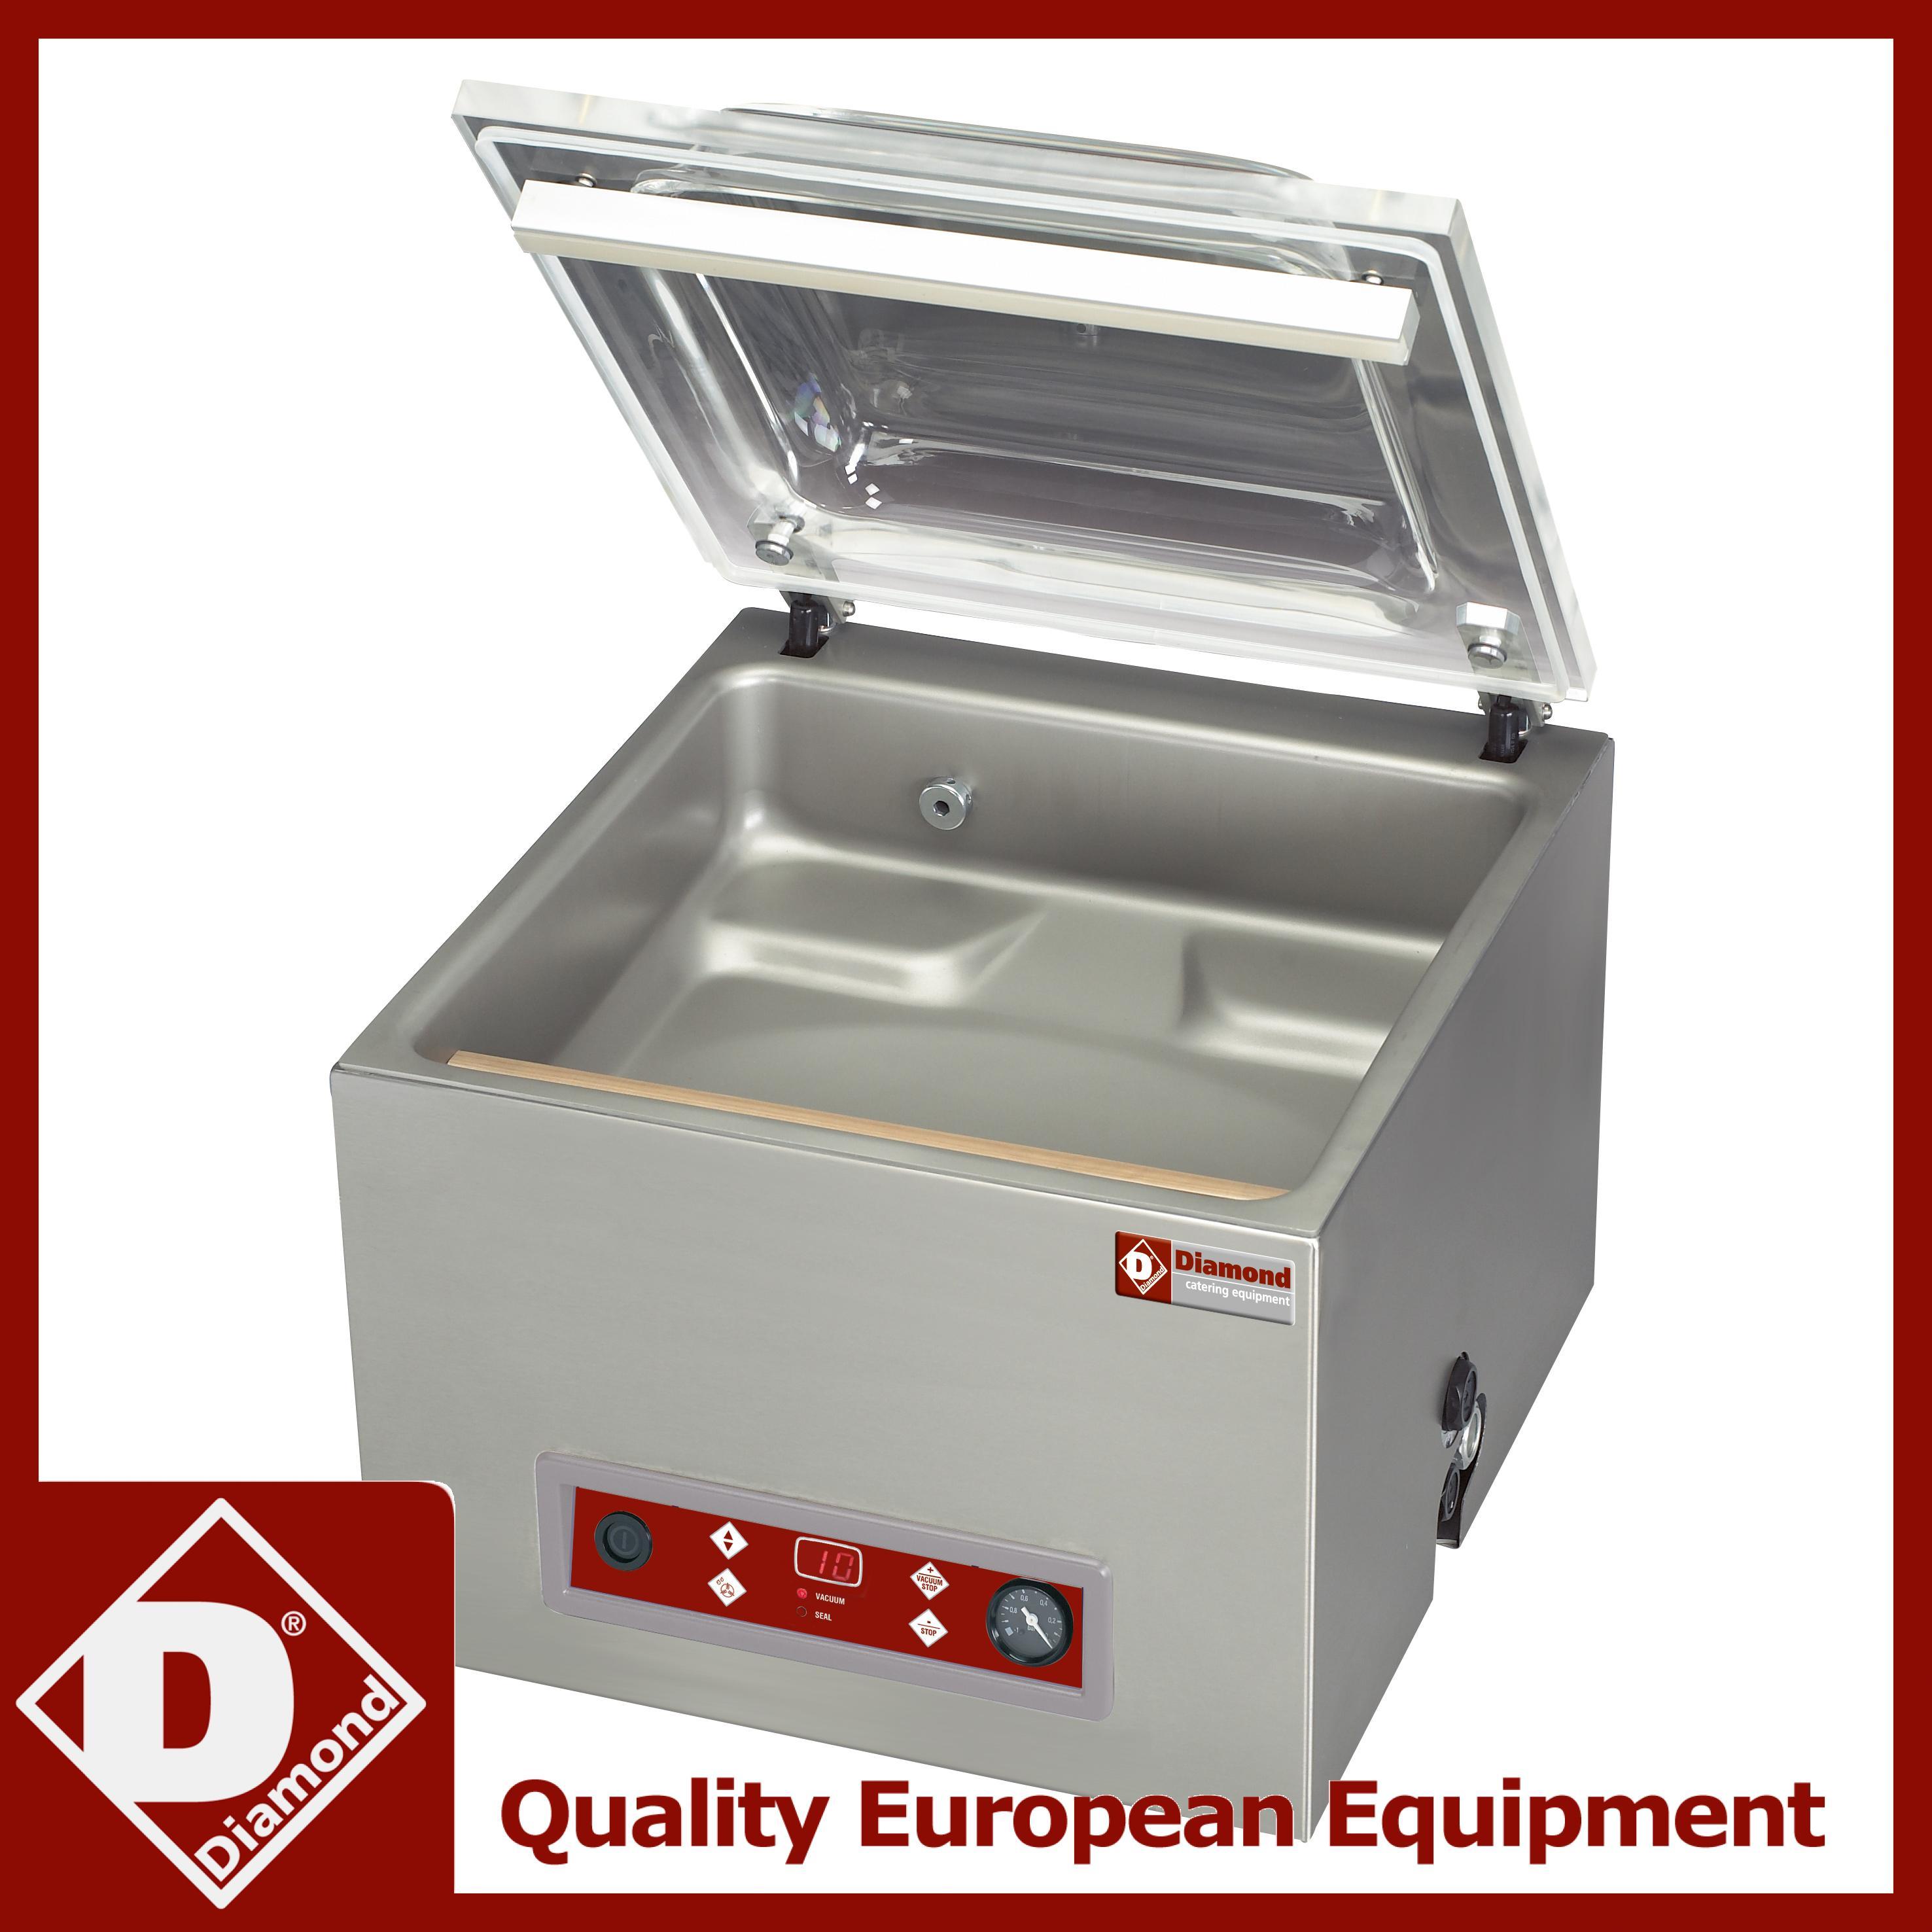 Details about Diamond GA-104/N Industrial Vacuum Sealer 16 m3/hour